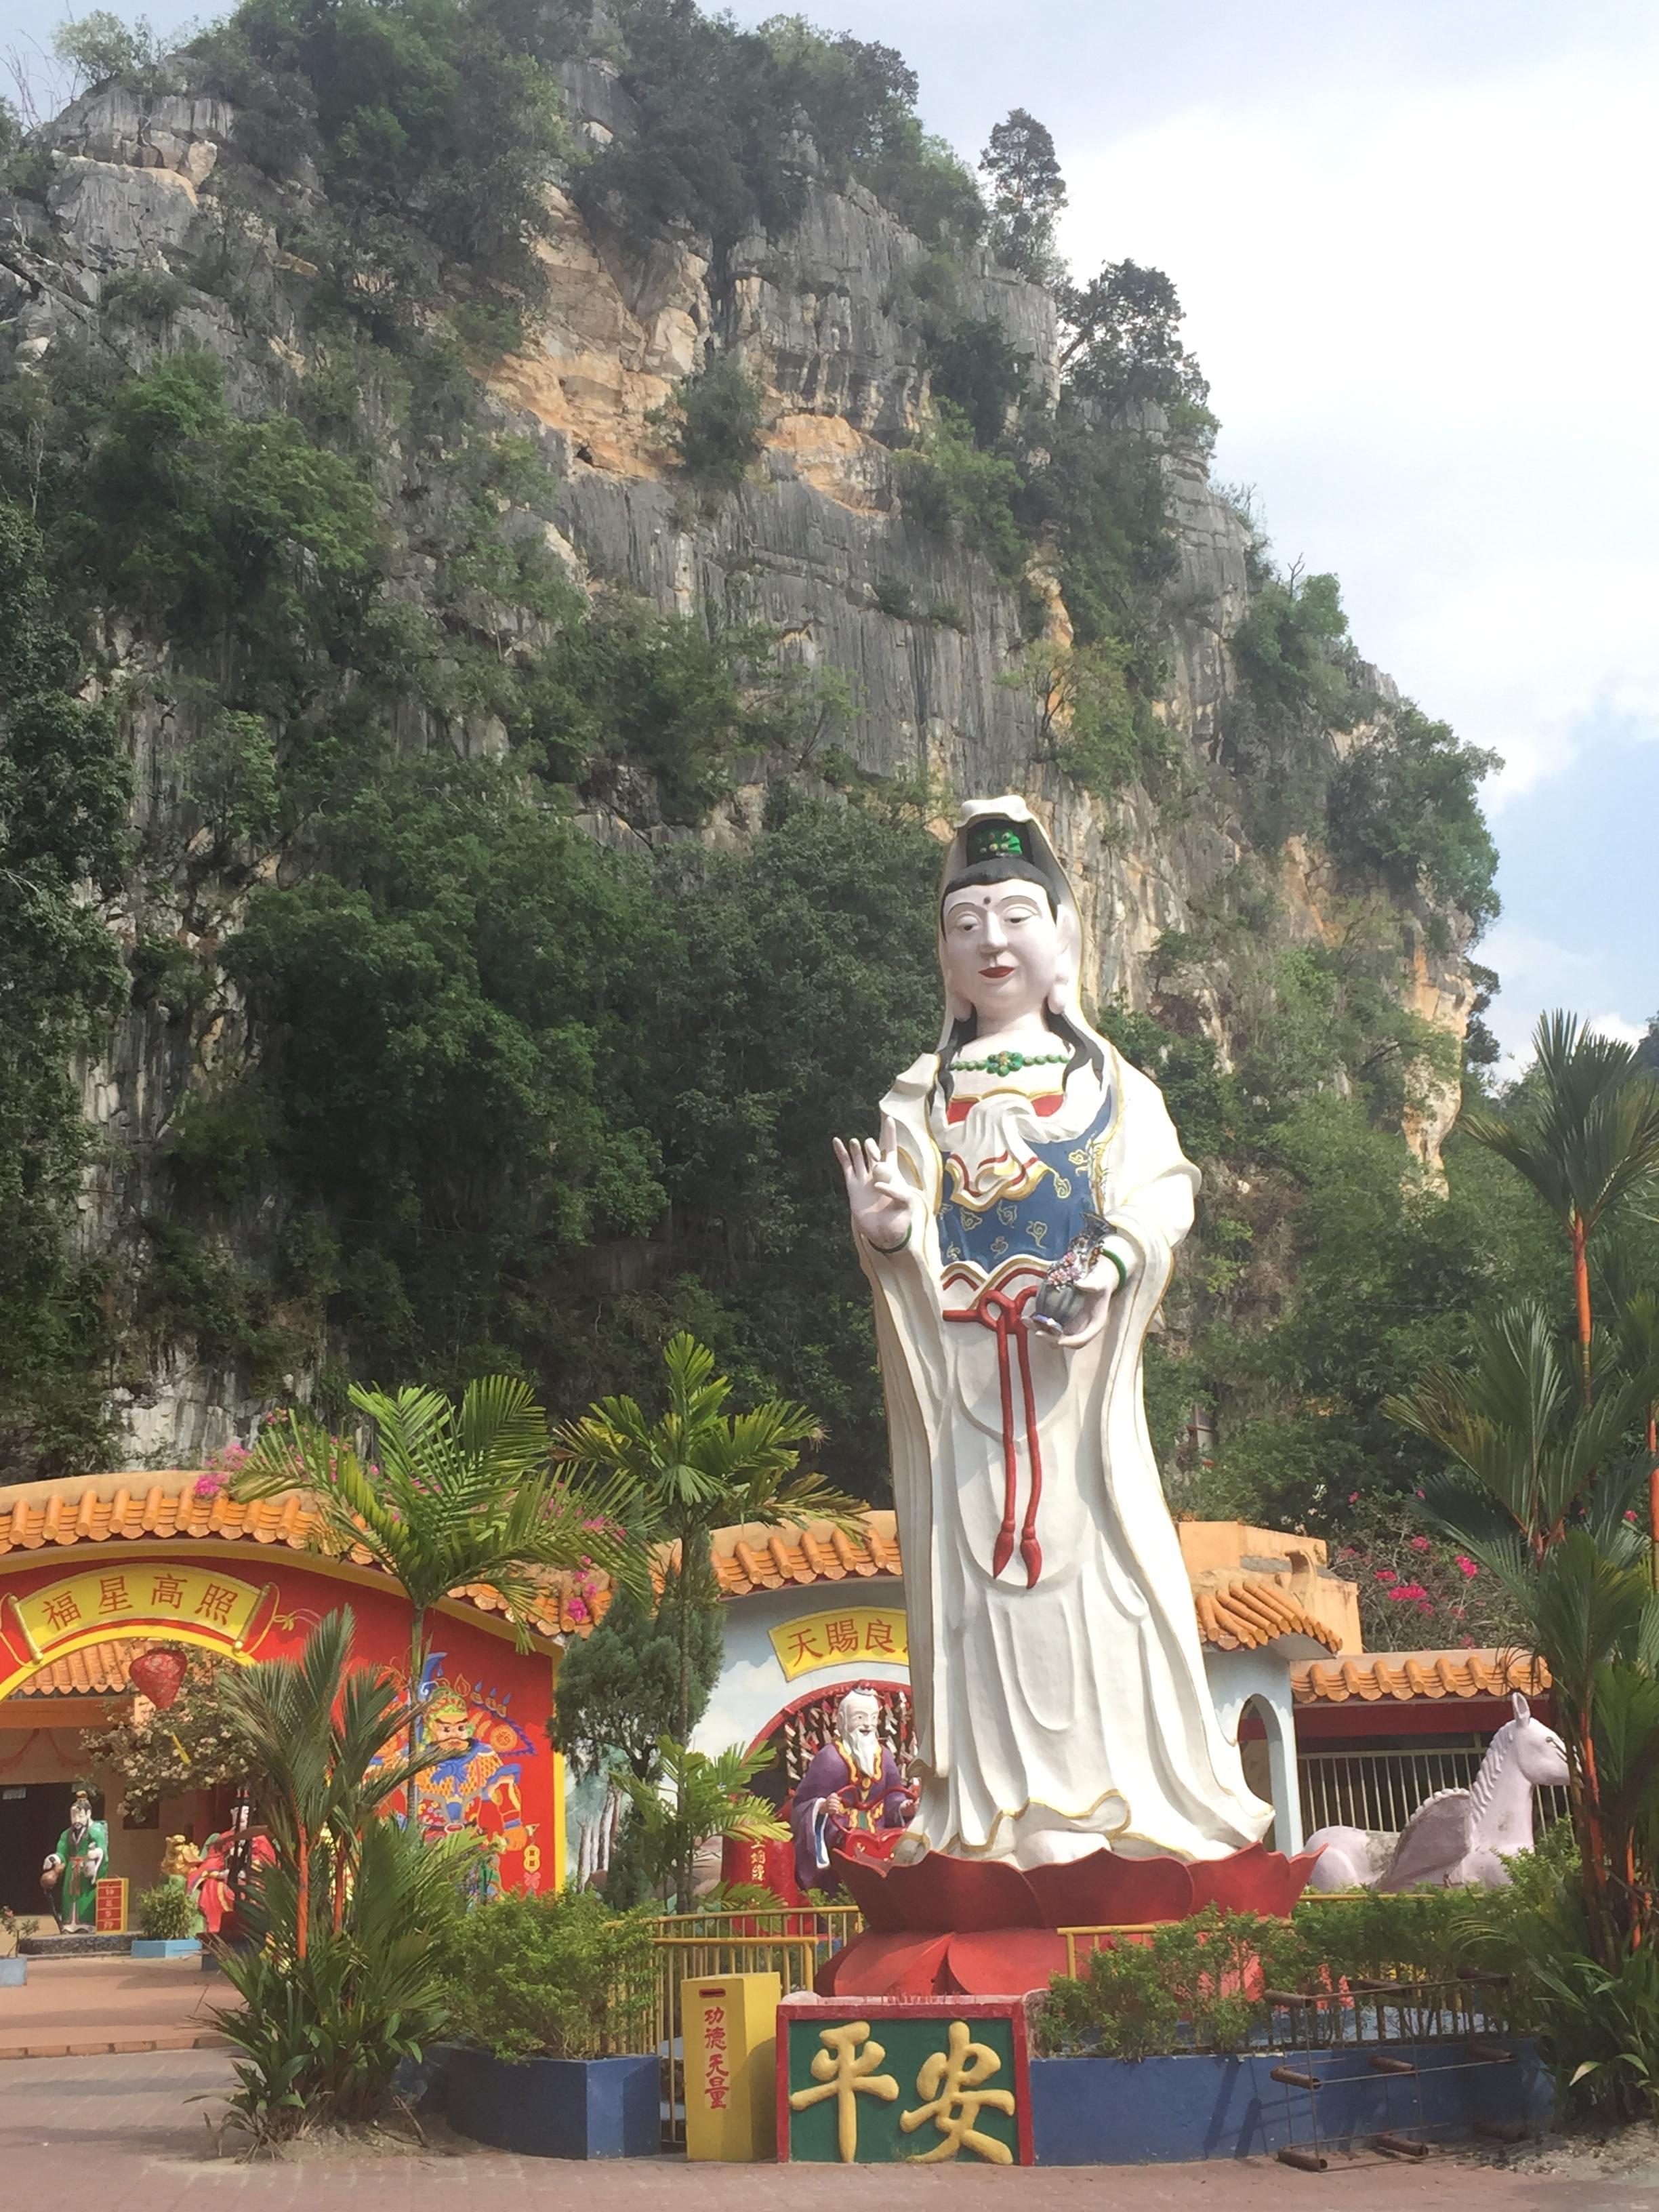 Make sure to visit Len Sen Tong Temple